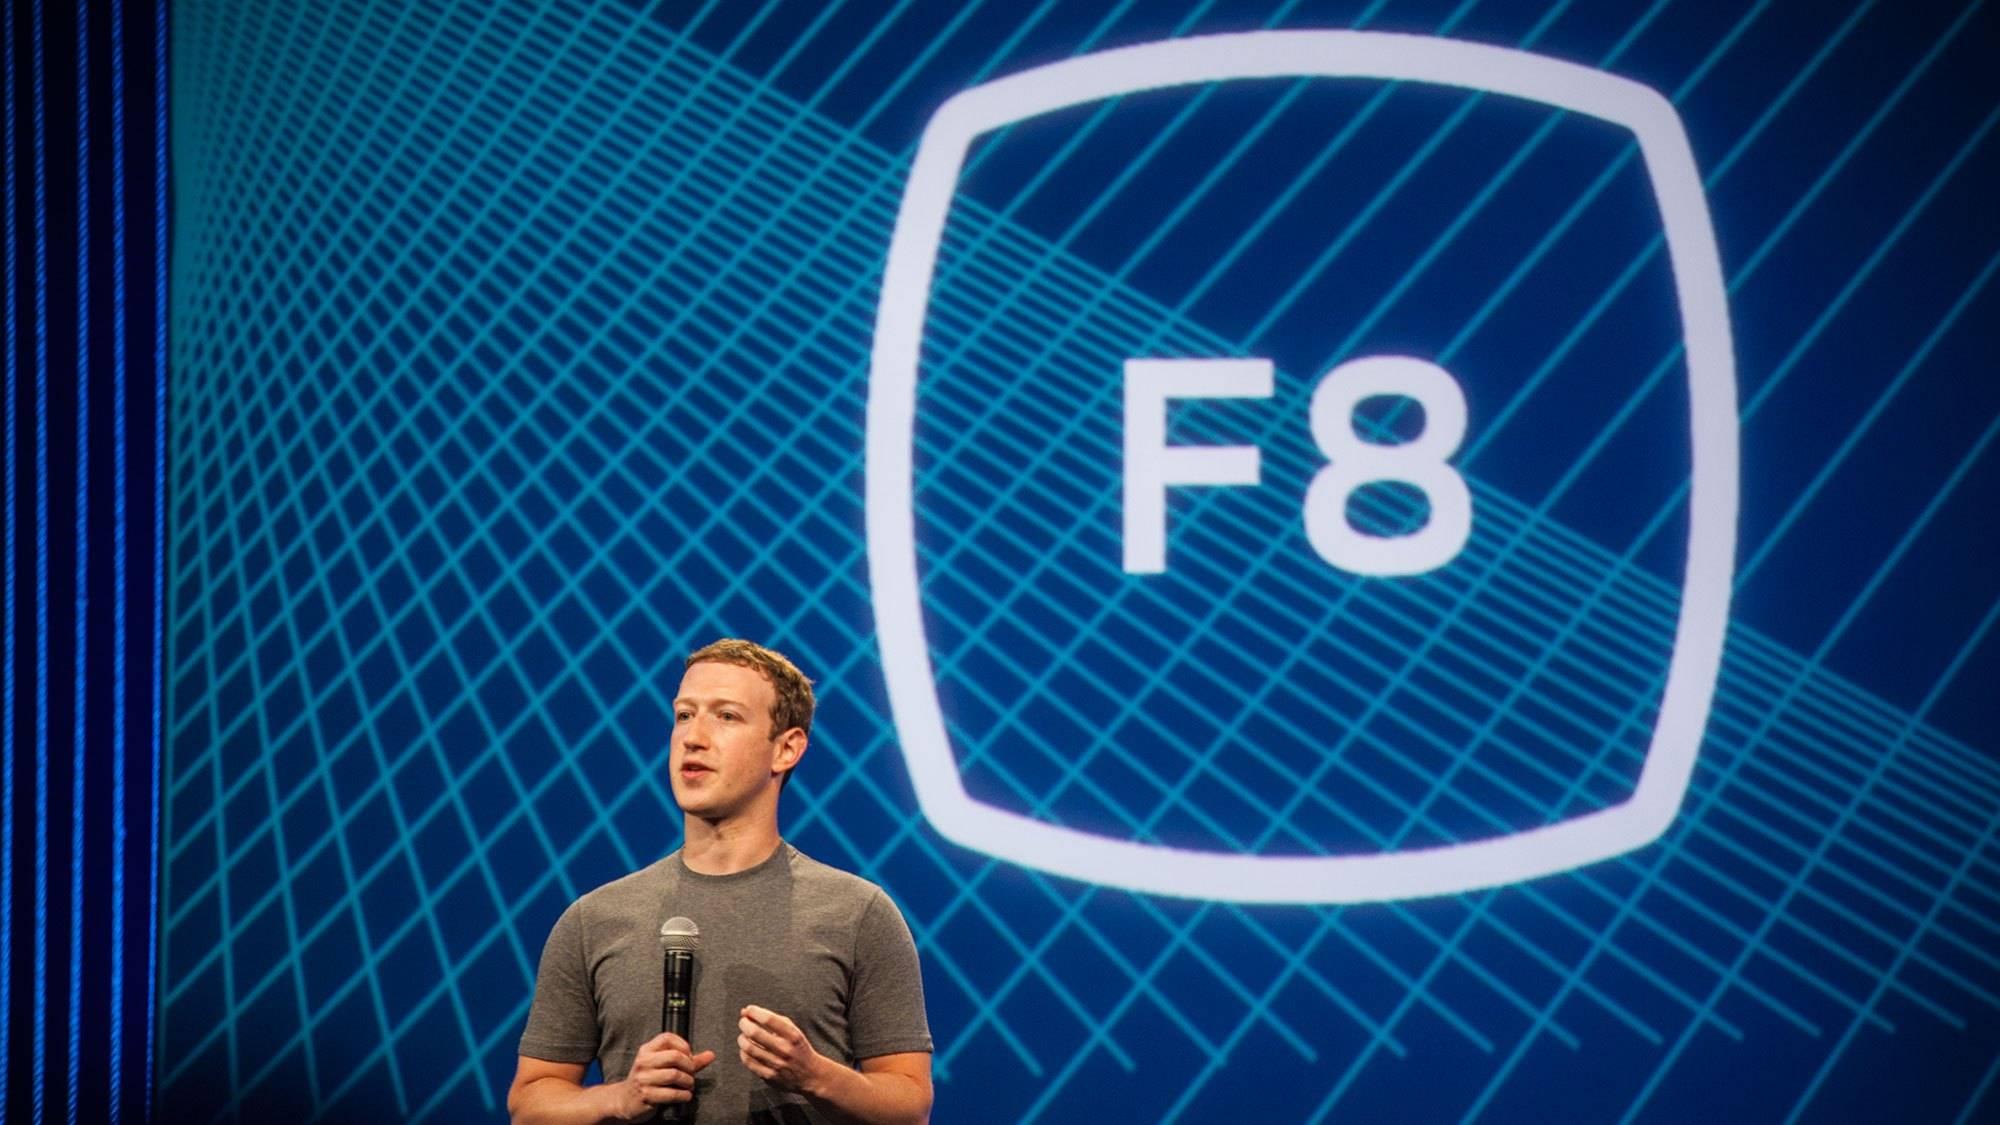 占领 Facebook Messenger 的聊天机器人,做着像微信一样变成操作系统的梦